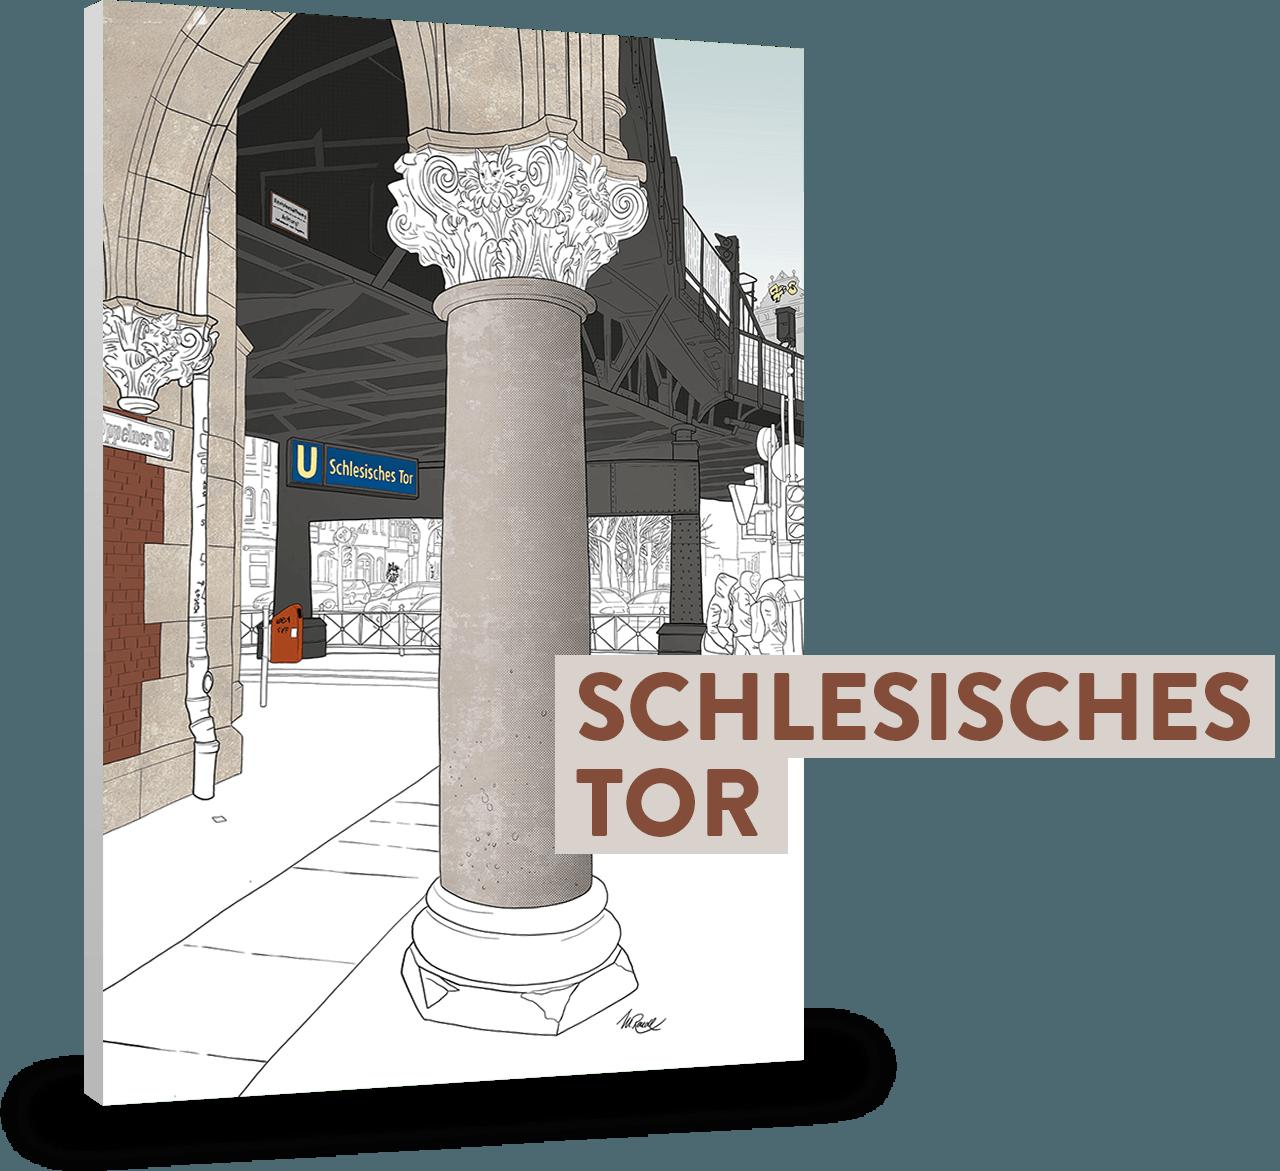 SCHLESISCHES TOR